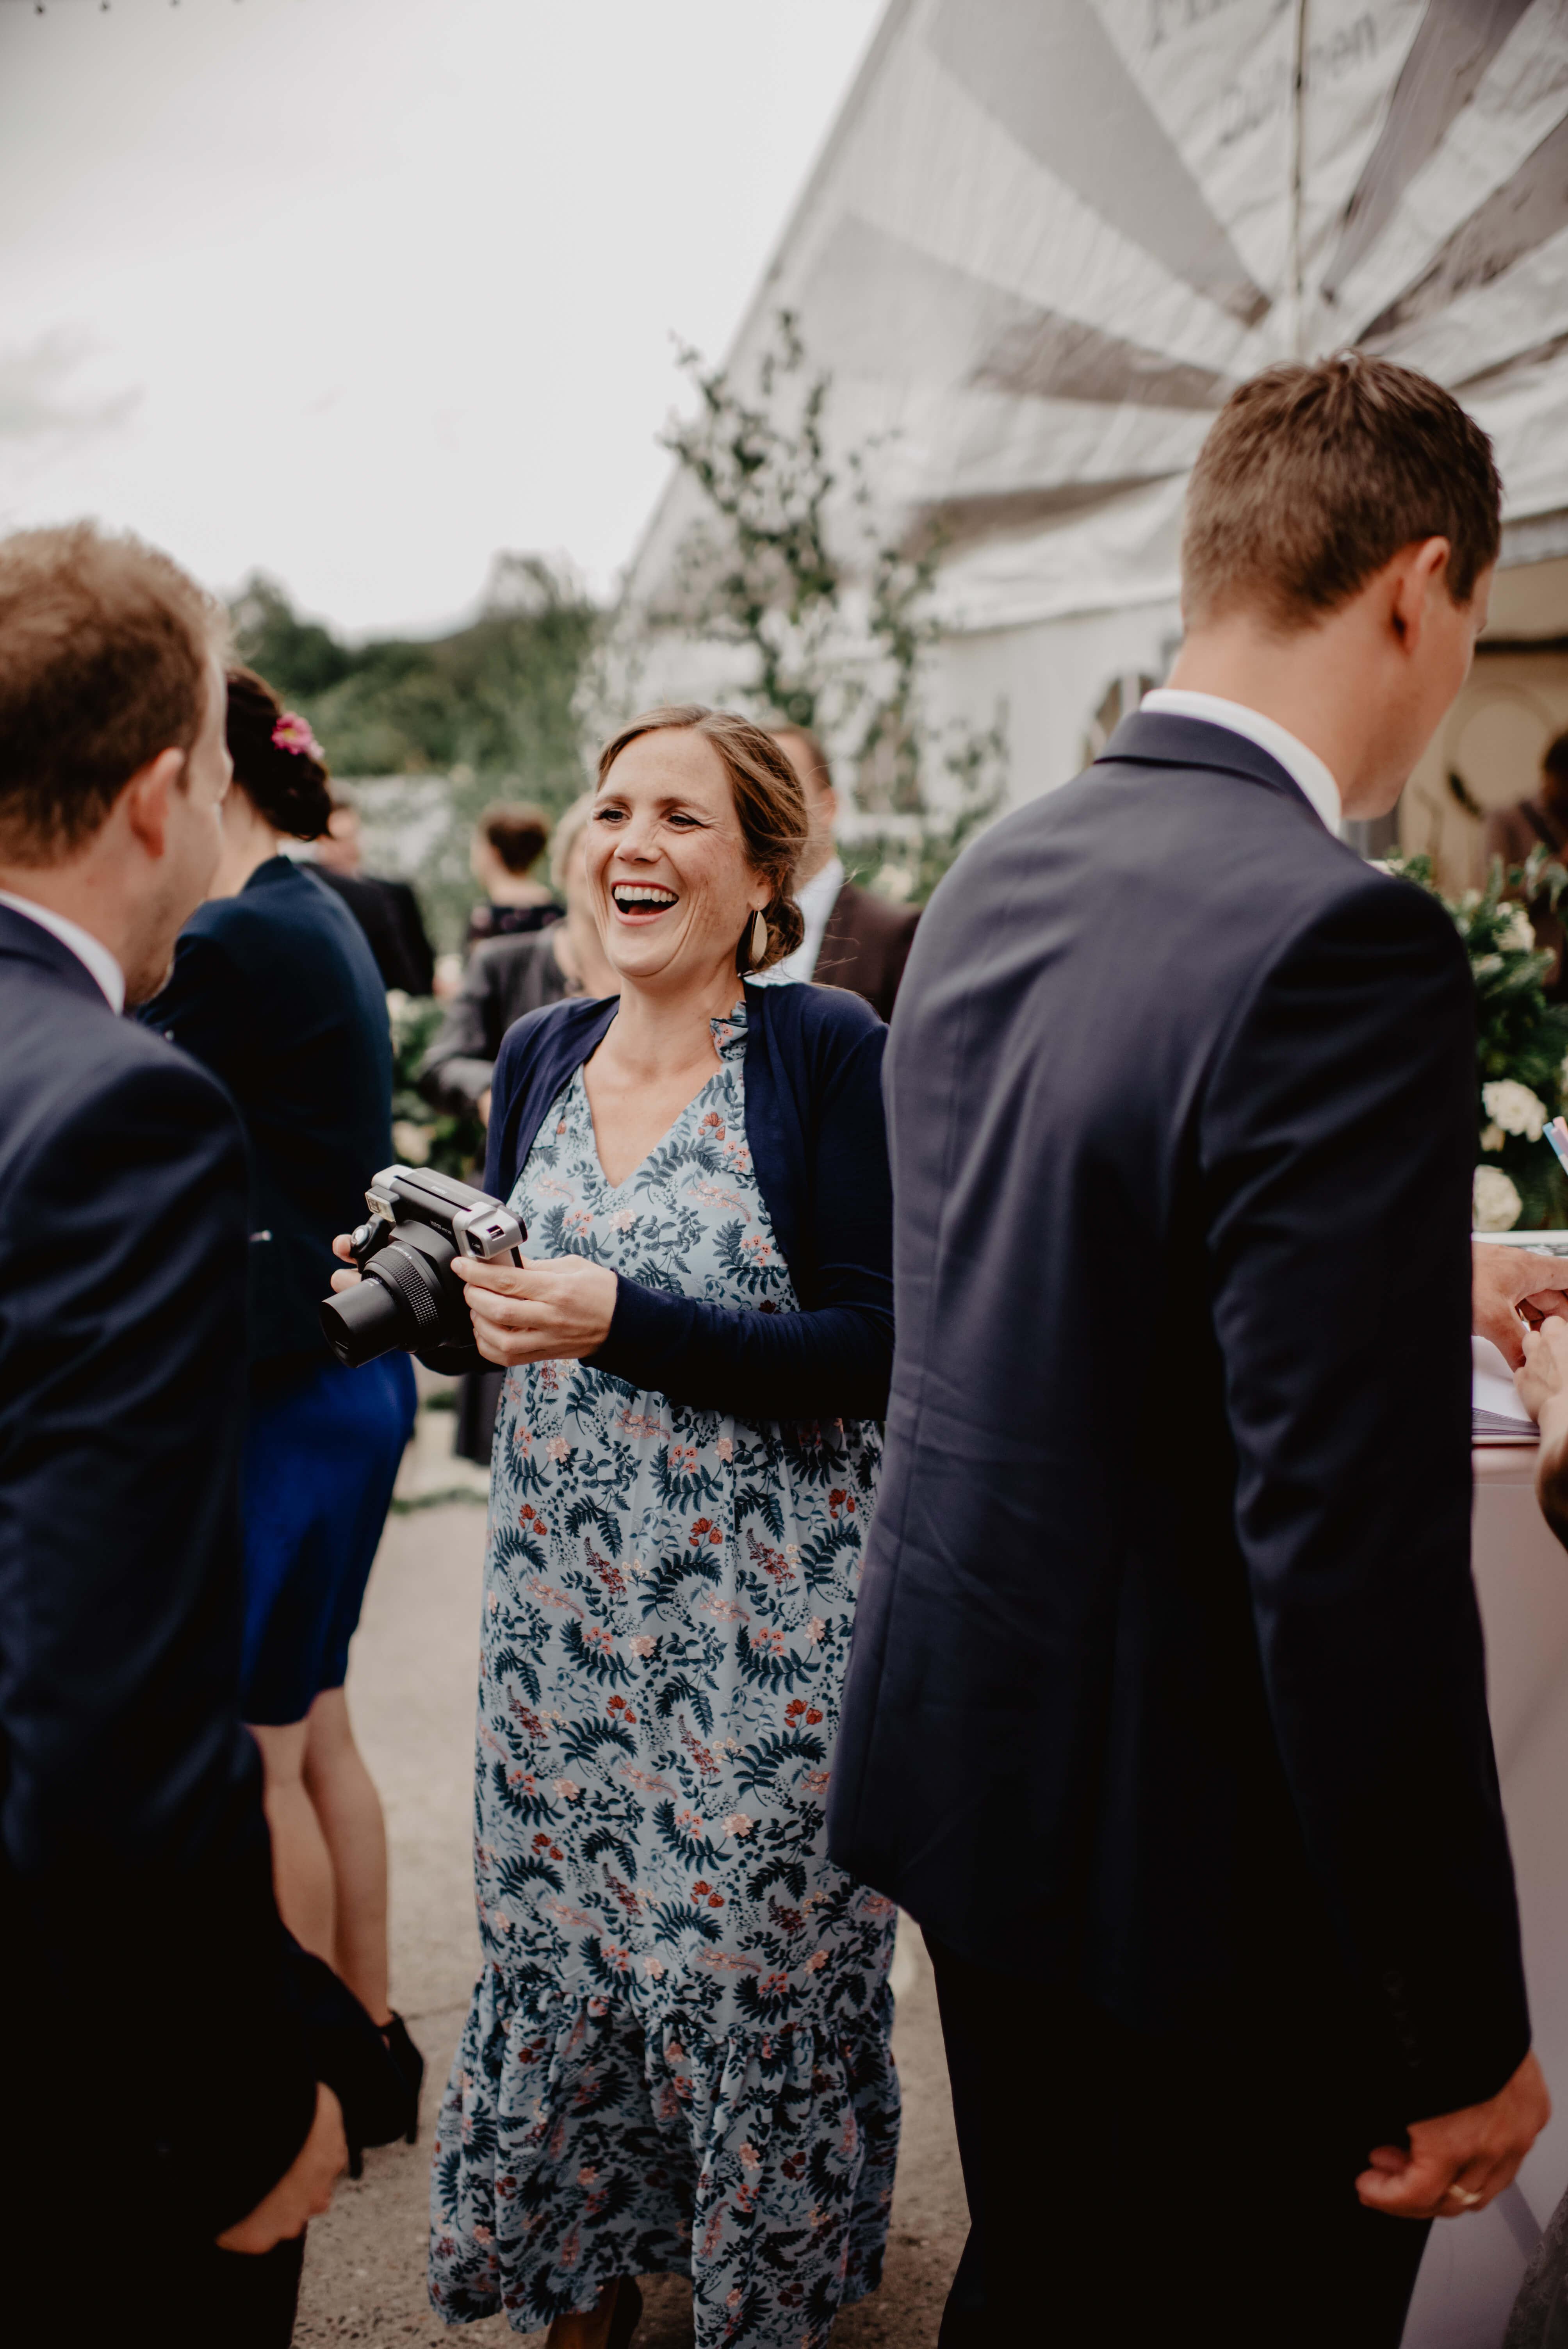 Natürliche Hochzeitsfotografie NRW by kim wilfriedsson photography